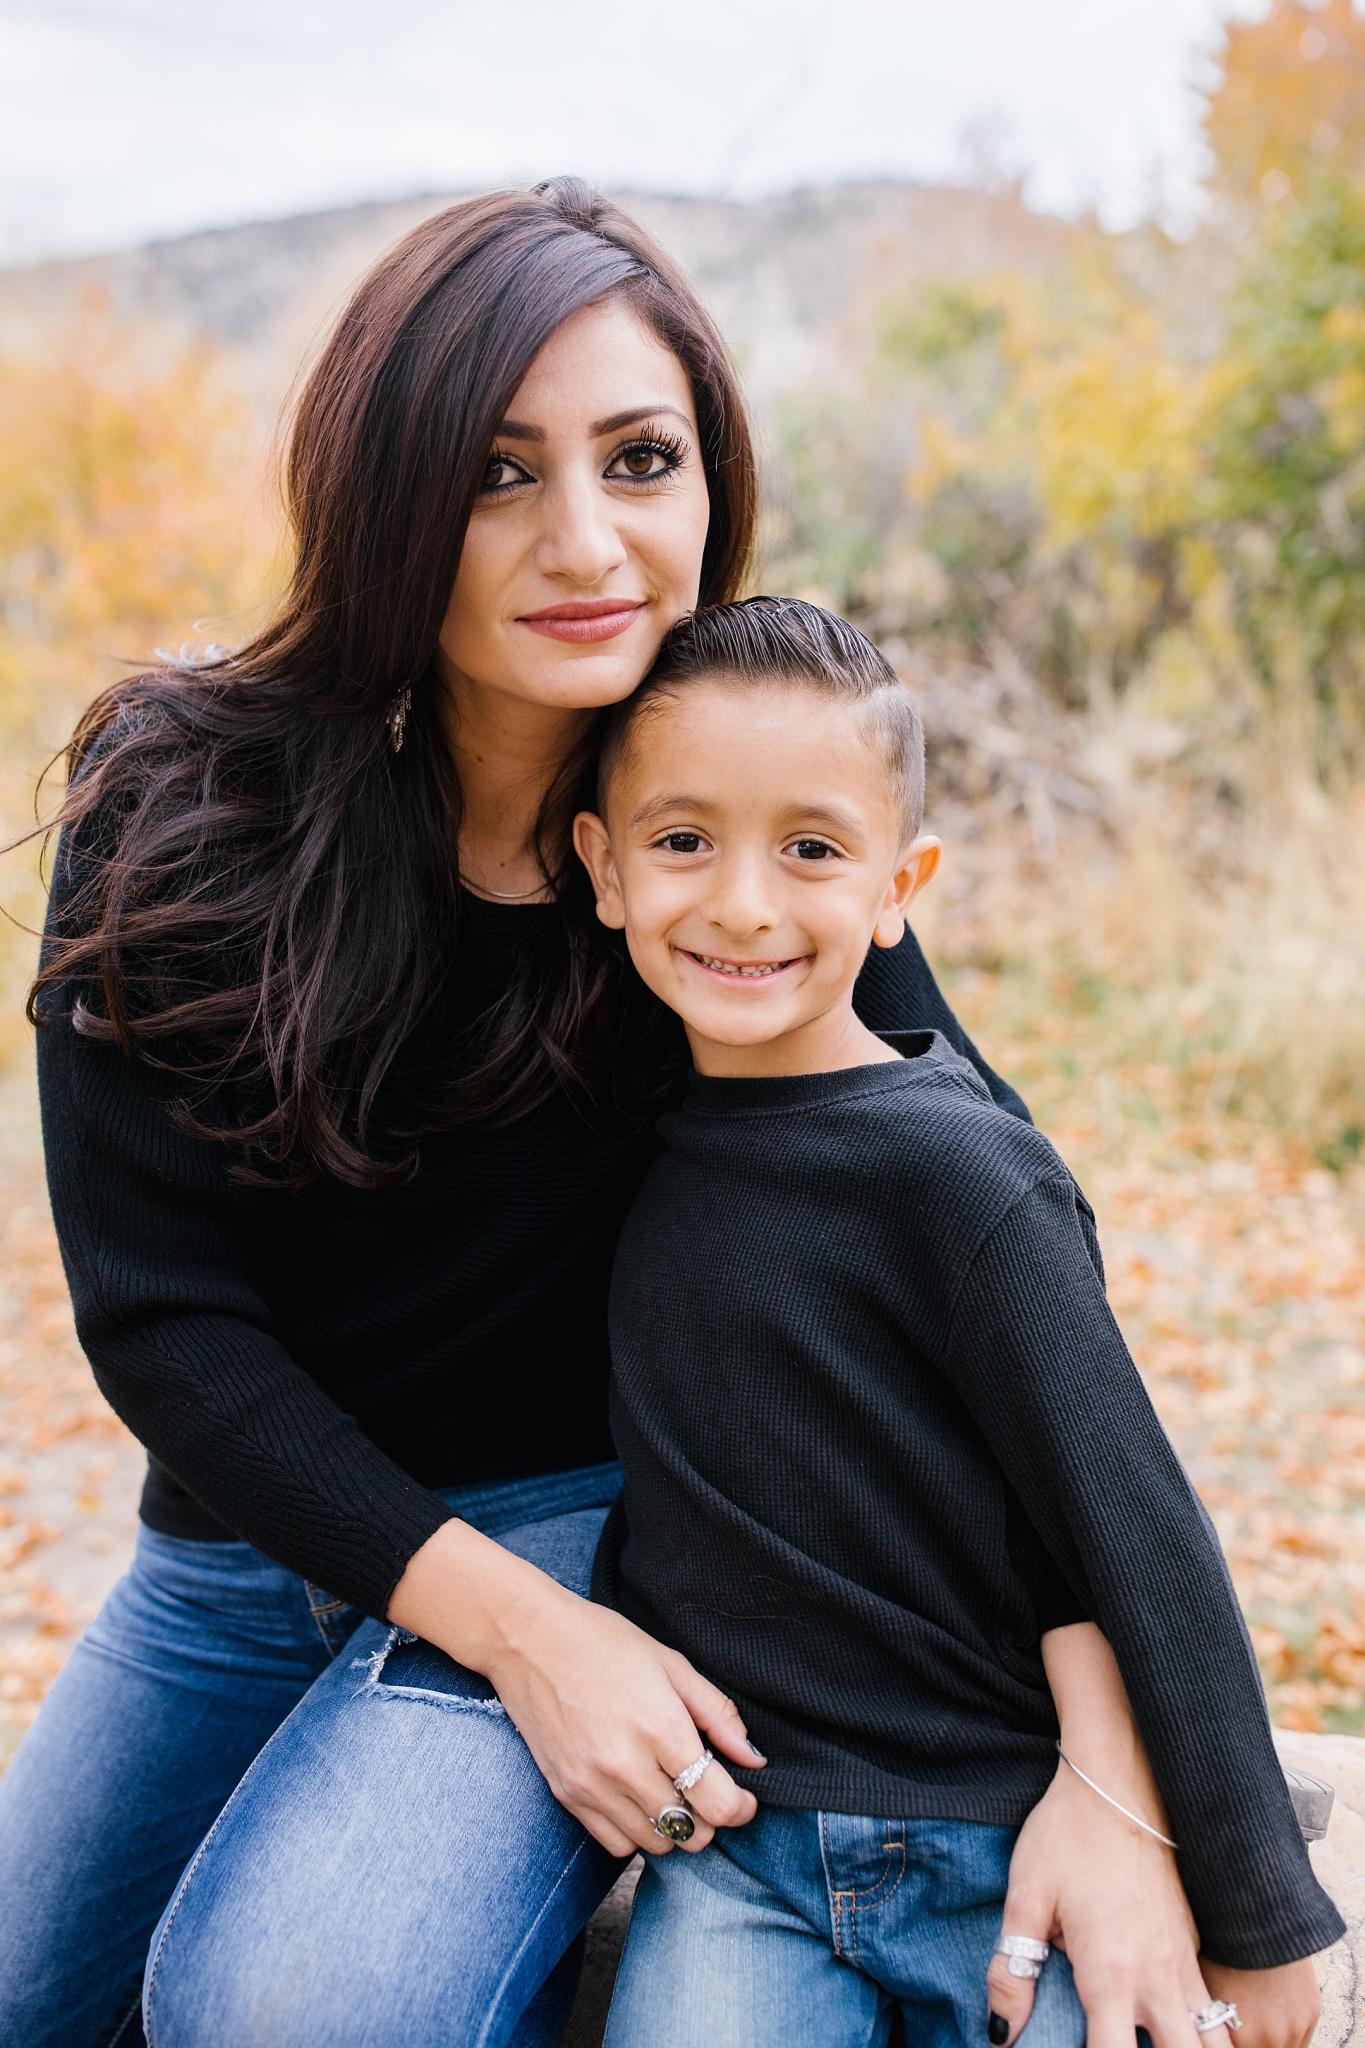 Tischner-44_Lizzie-B-Imagery-Utah-Family-Photographer-Park-City-Salt-Lake-City-Nephi-Utah.jpg